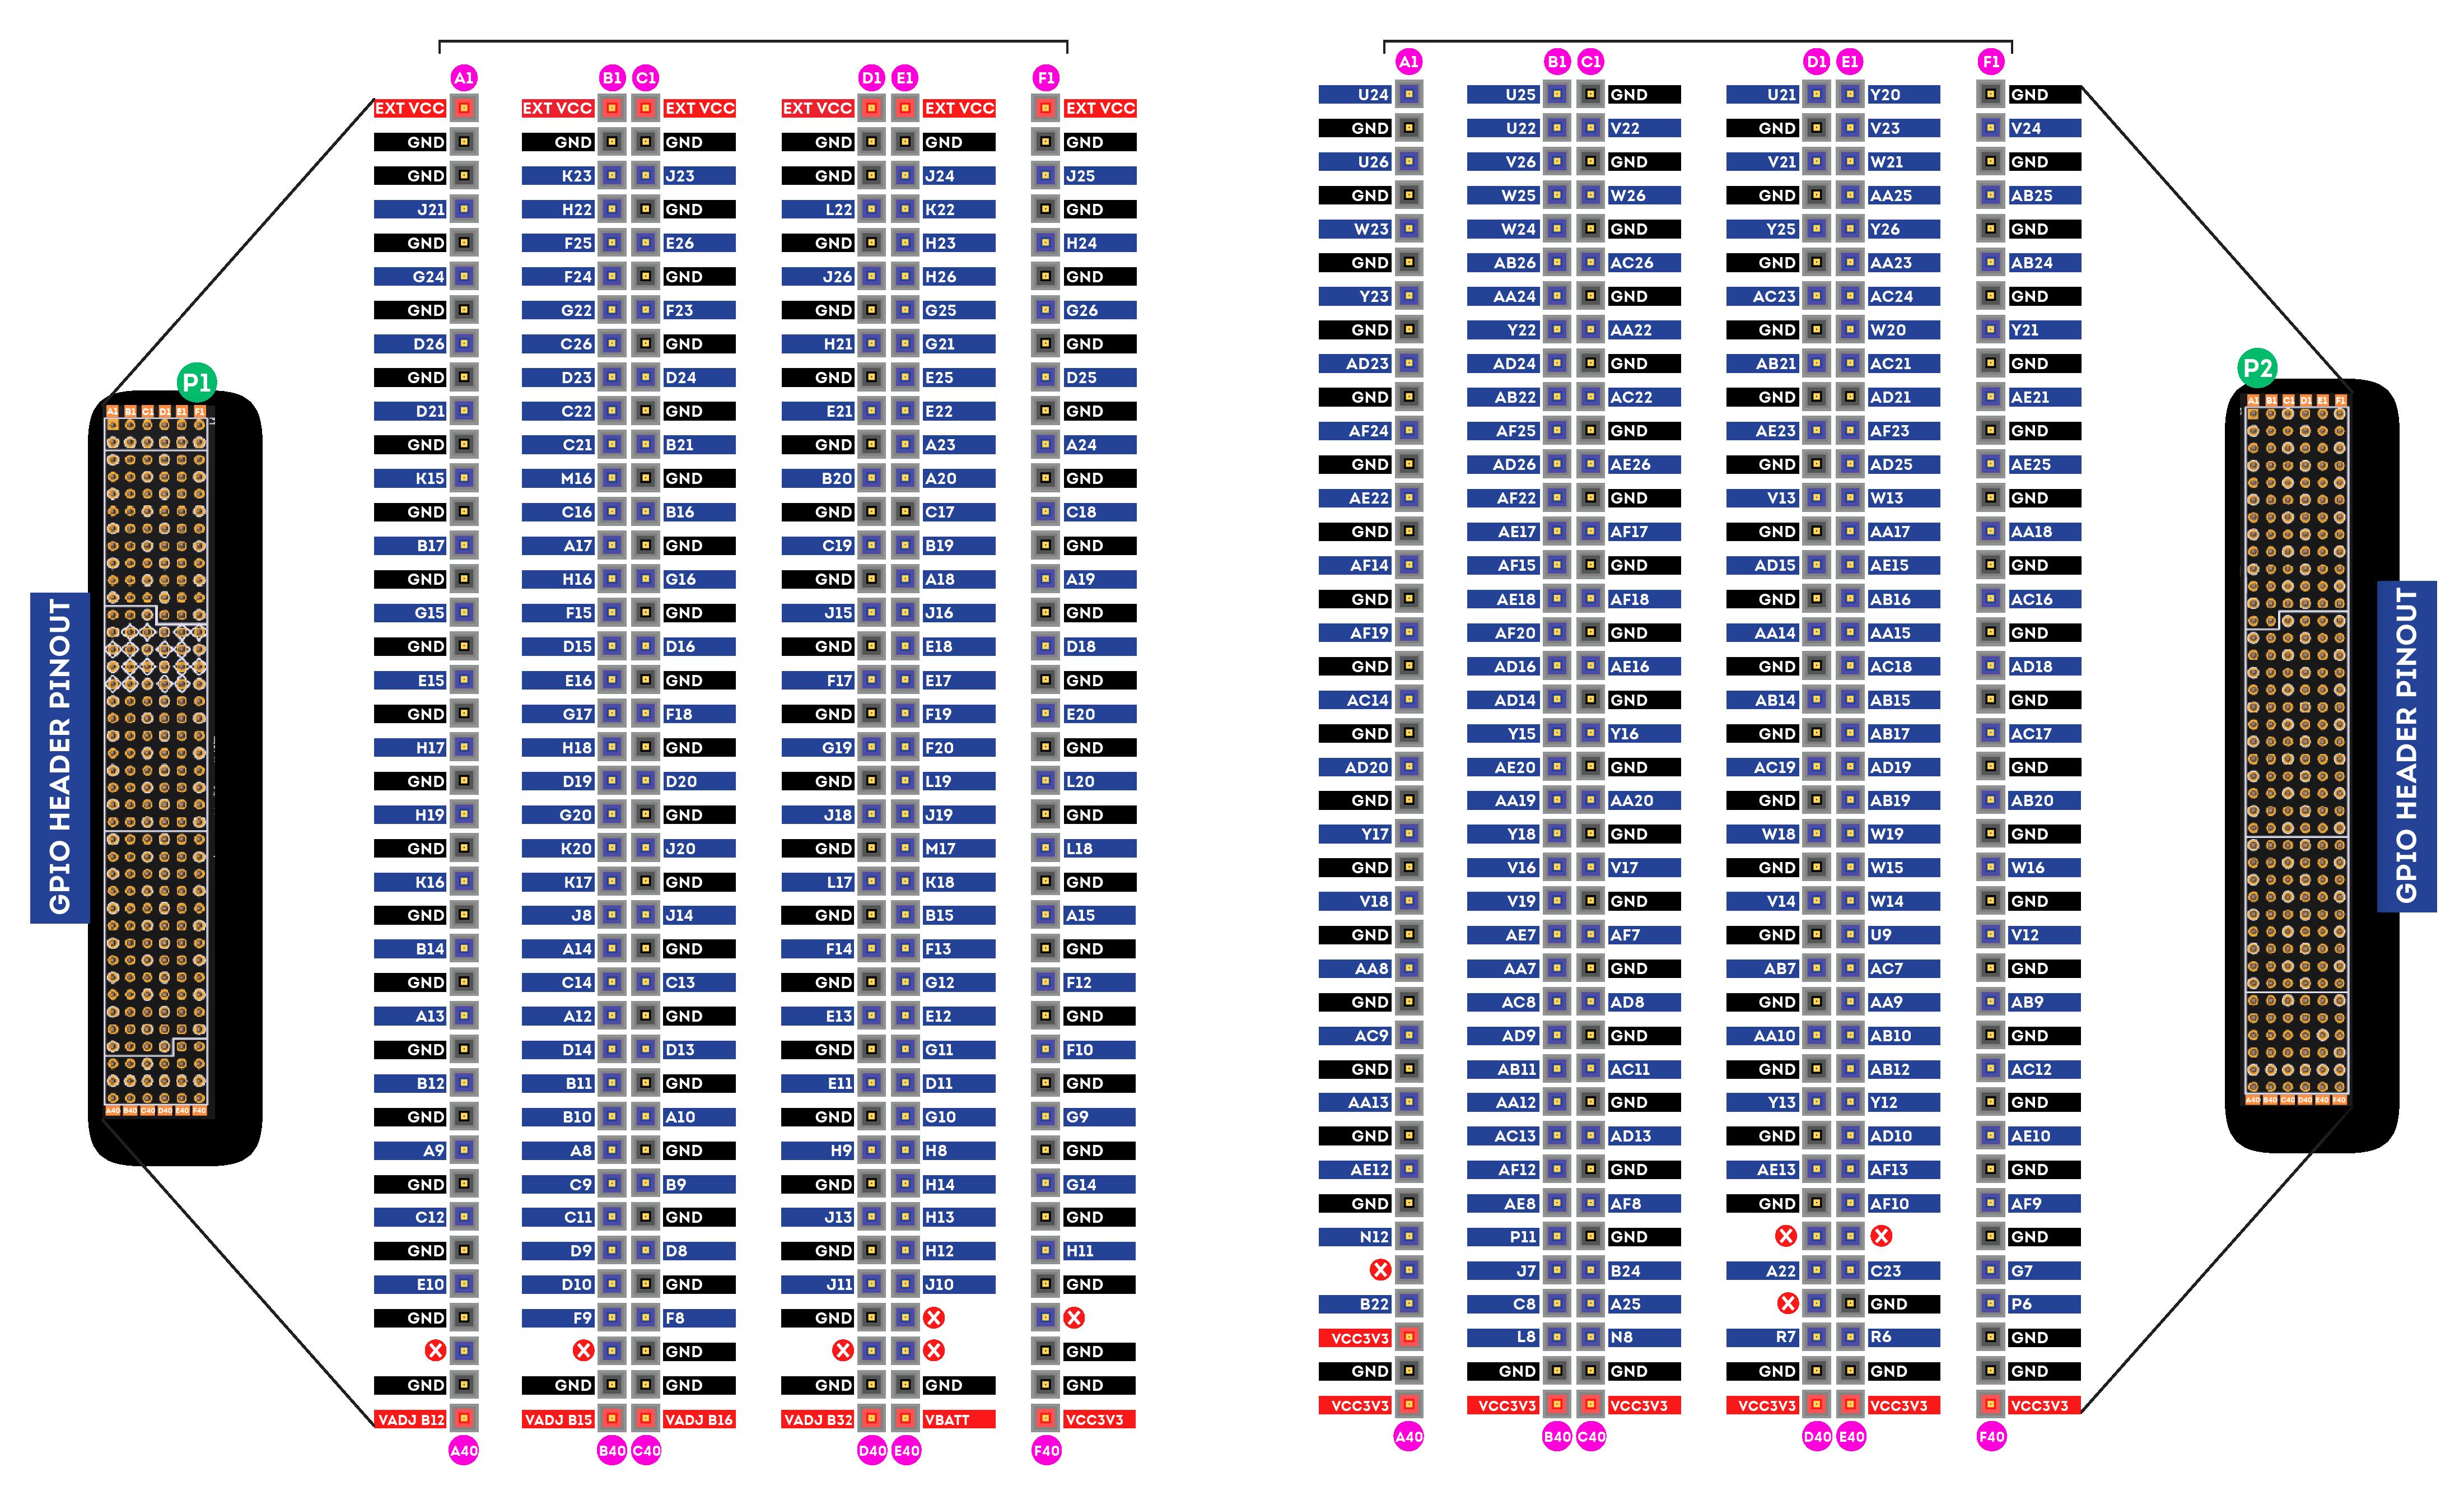 callisto k7 header P1 pinout wired diagram